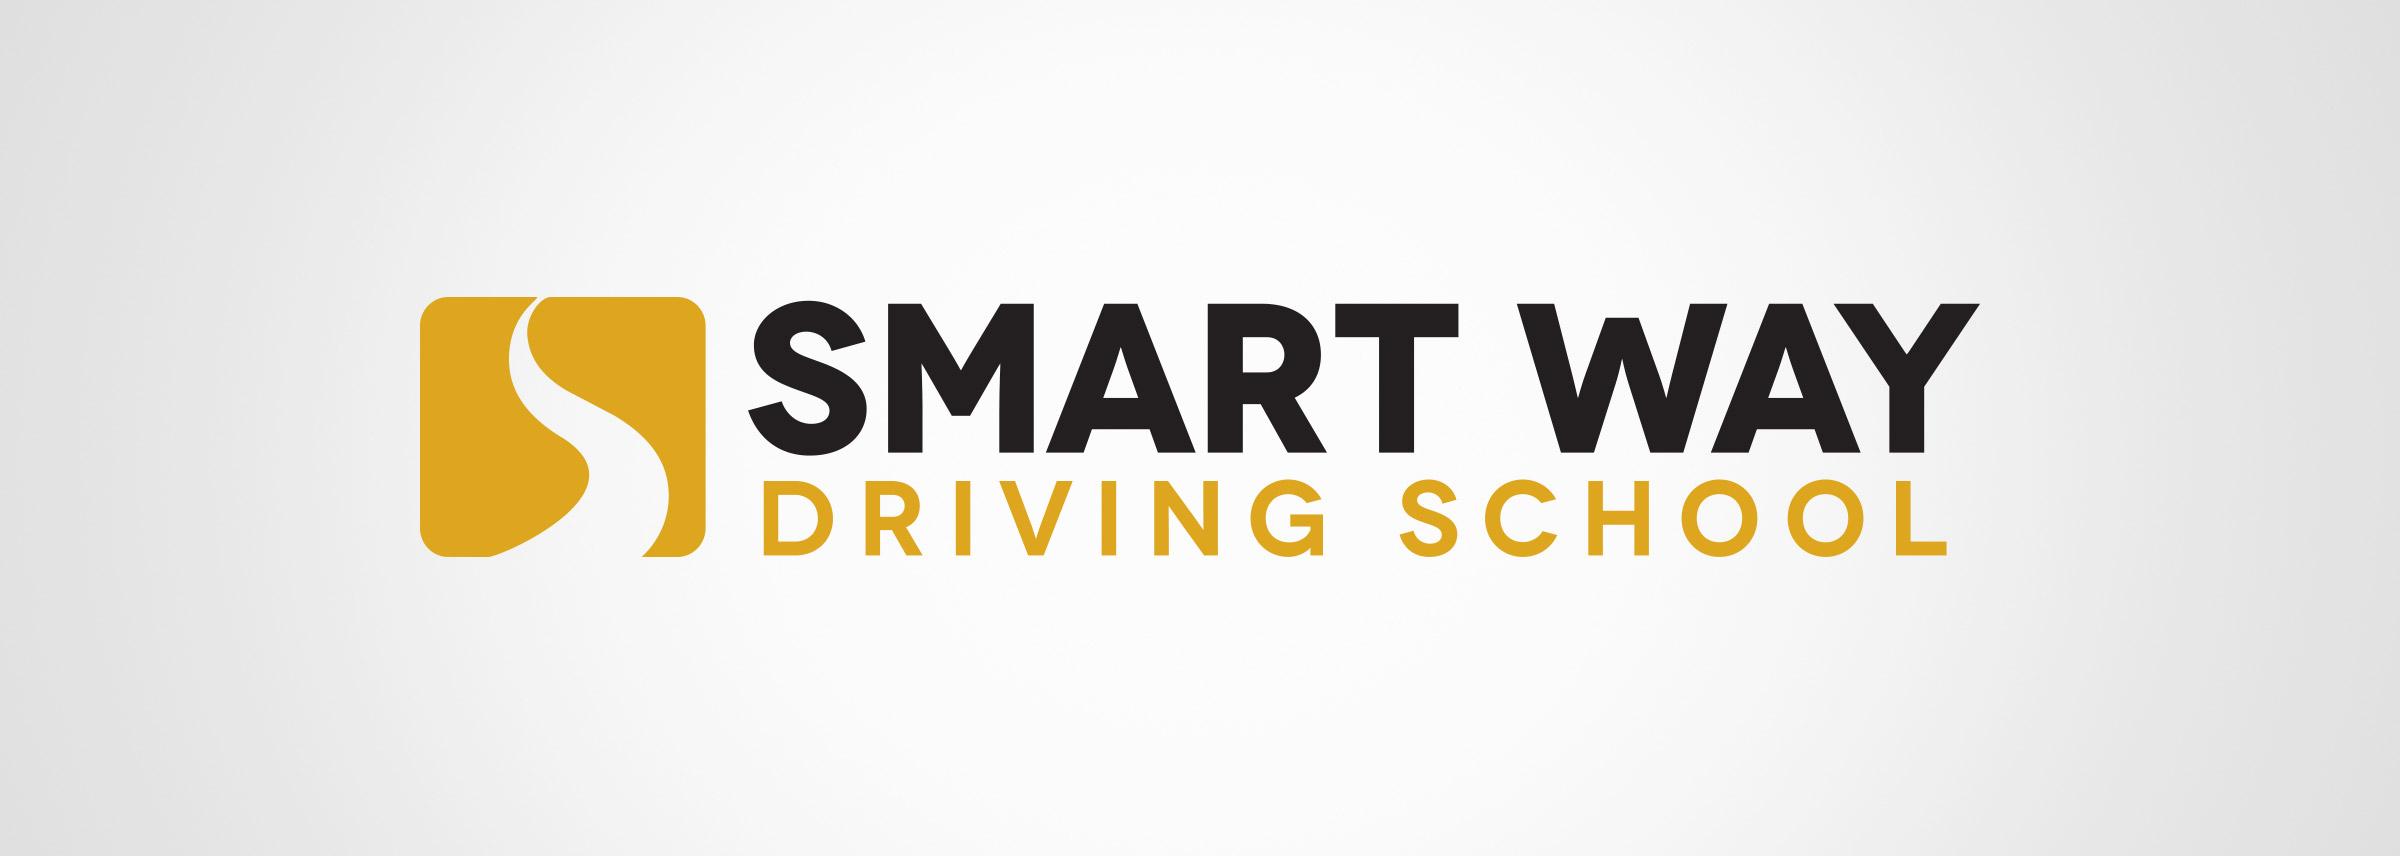 VL-SmartWay